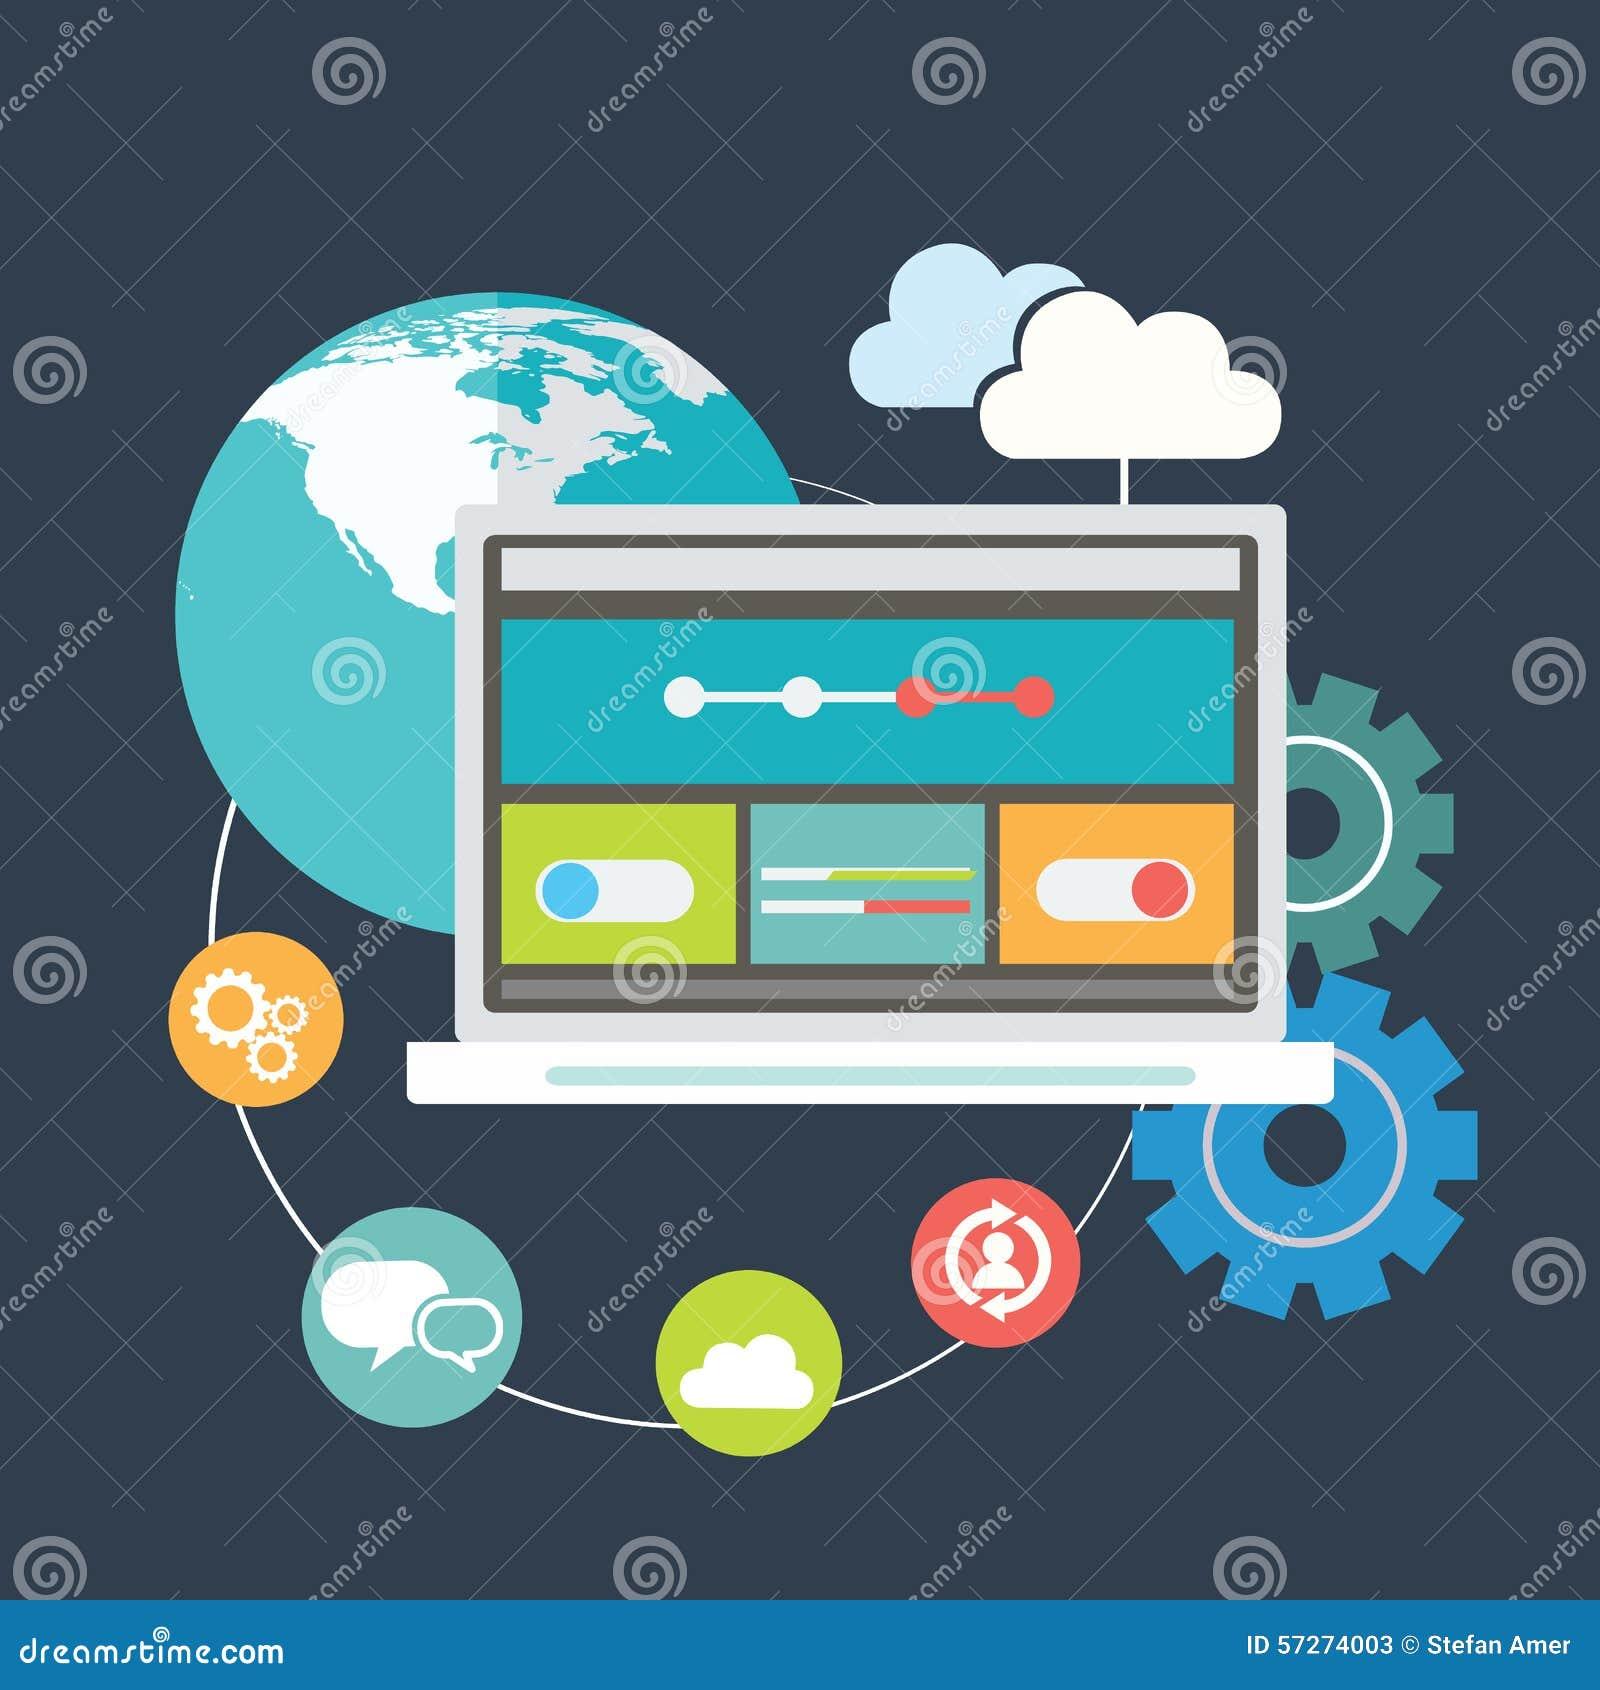 De vlakke de pictogrammenreeks van de ontwerp moderne vectorillustratie van websiteseo optimalisering, programmering verwerkt en